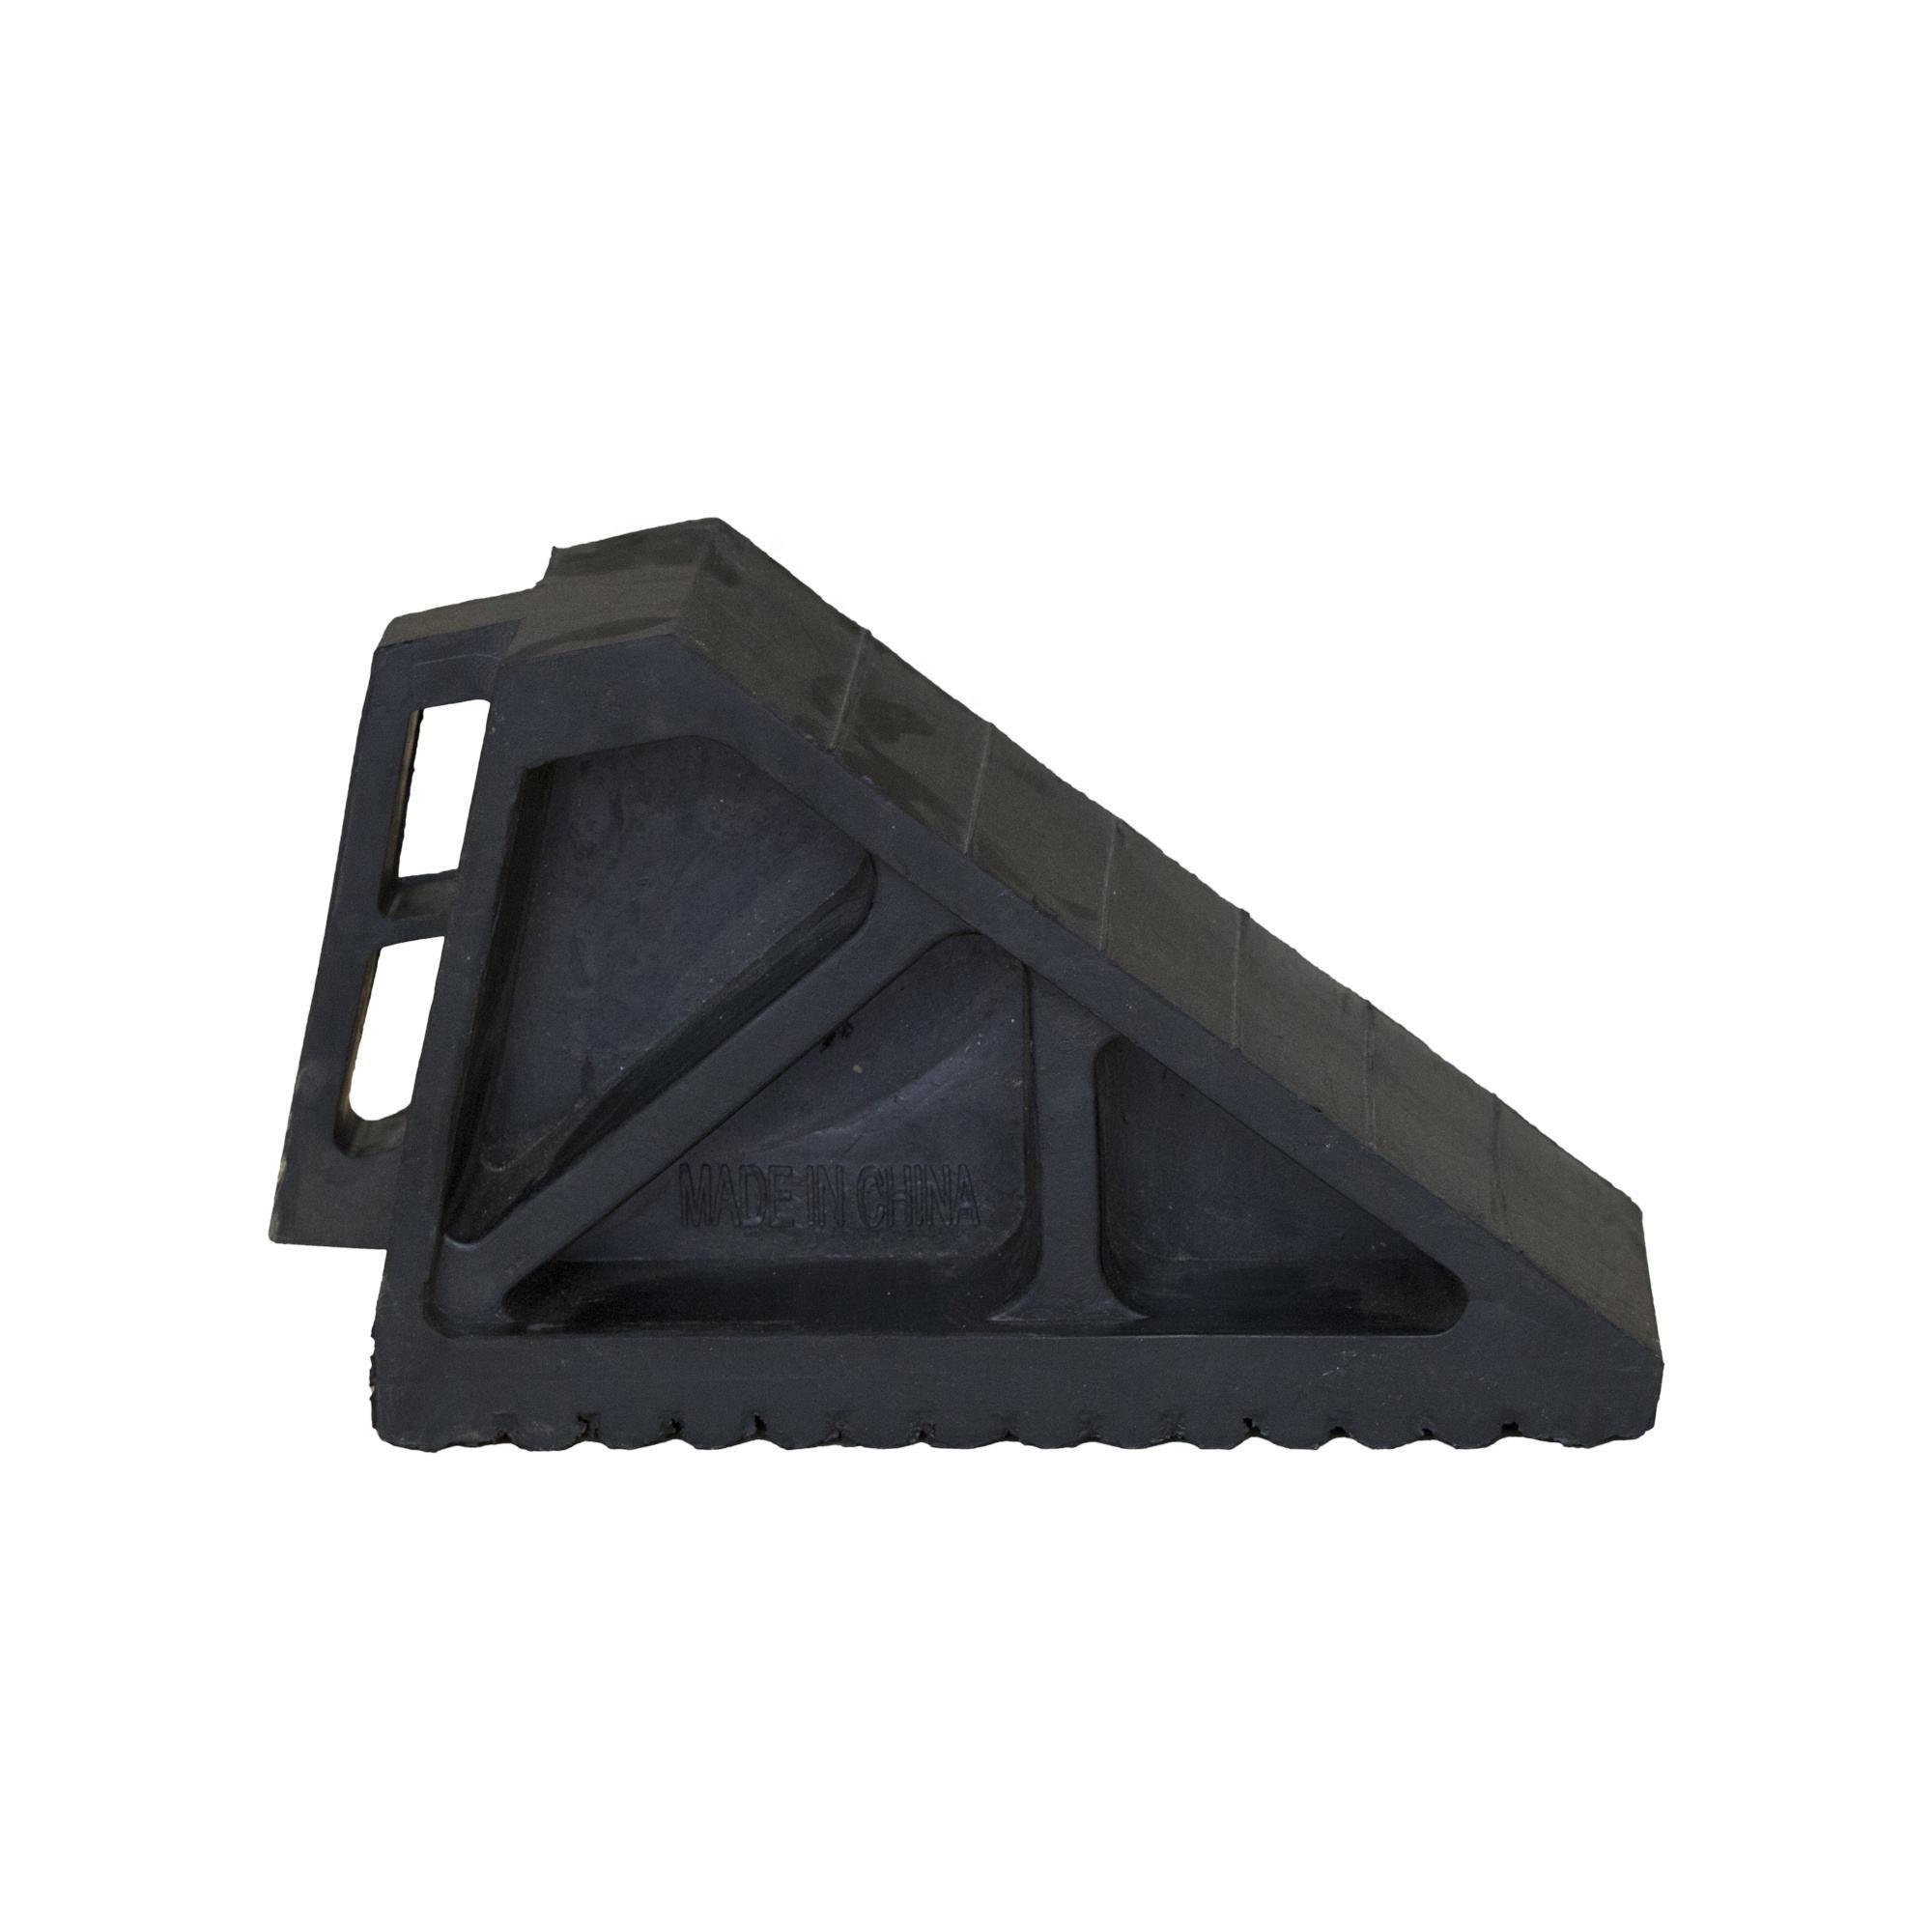 Черный резиновый автомобиль heavy duty wheel chock для грузовиков